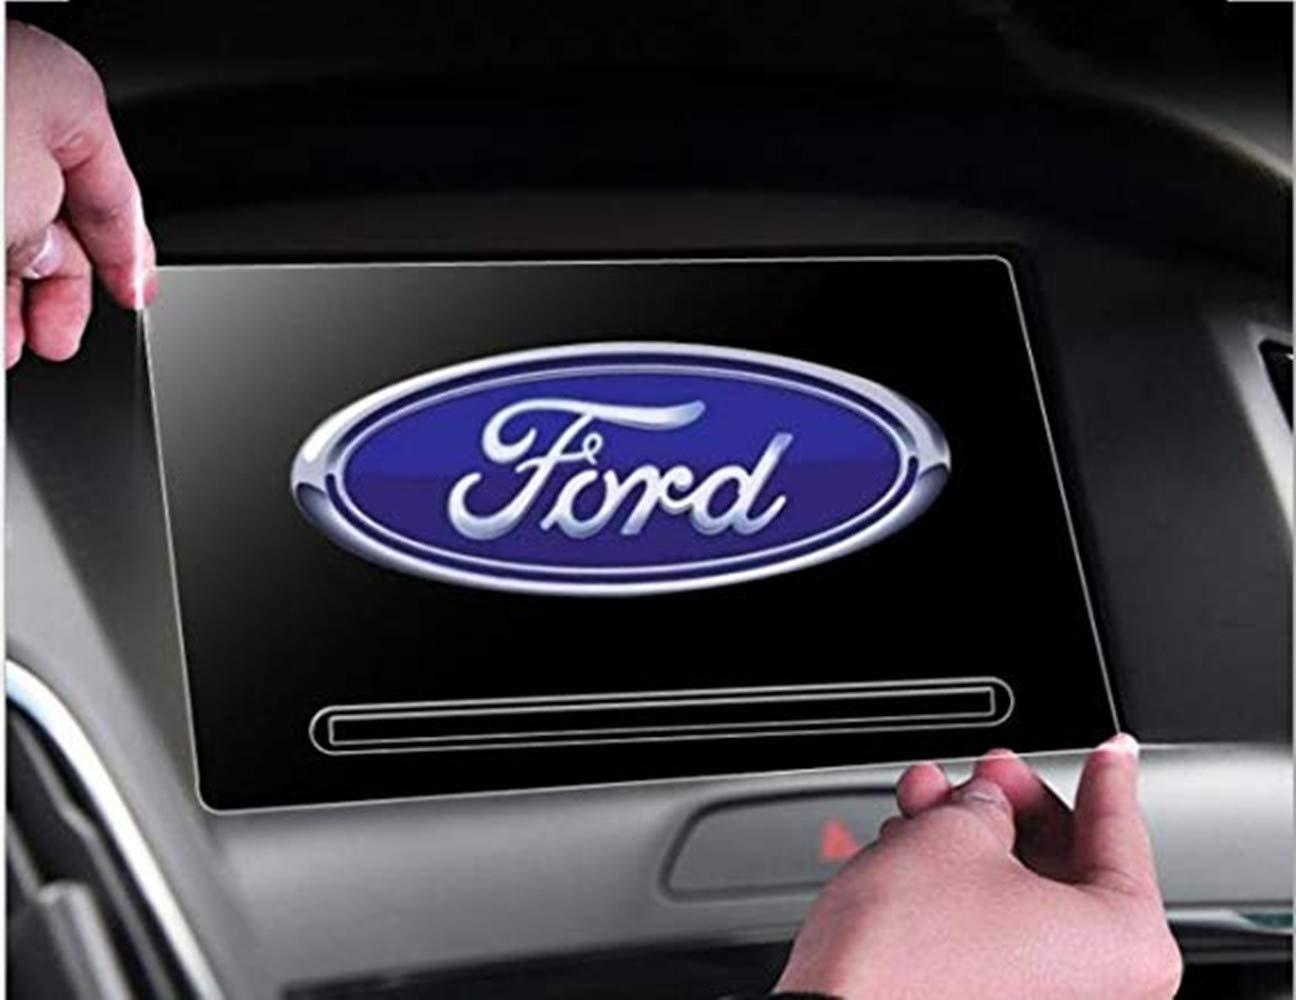 Gycinda Ford F-150 2017 Ford カーナビ 175105mm 8インチ クリア強化ガラス タッチスクリーンプロテクター   B0763M1M1B